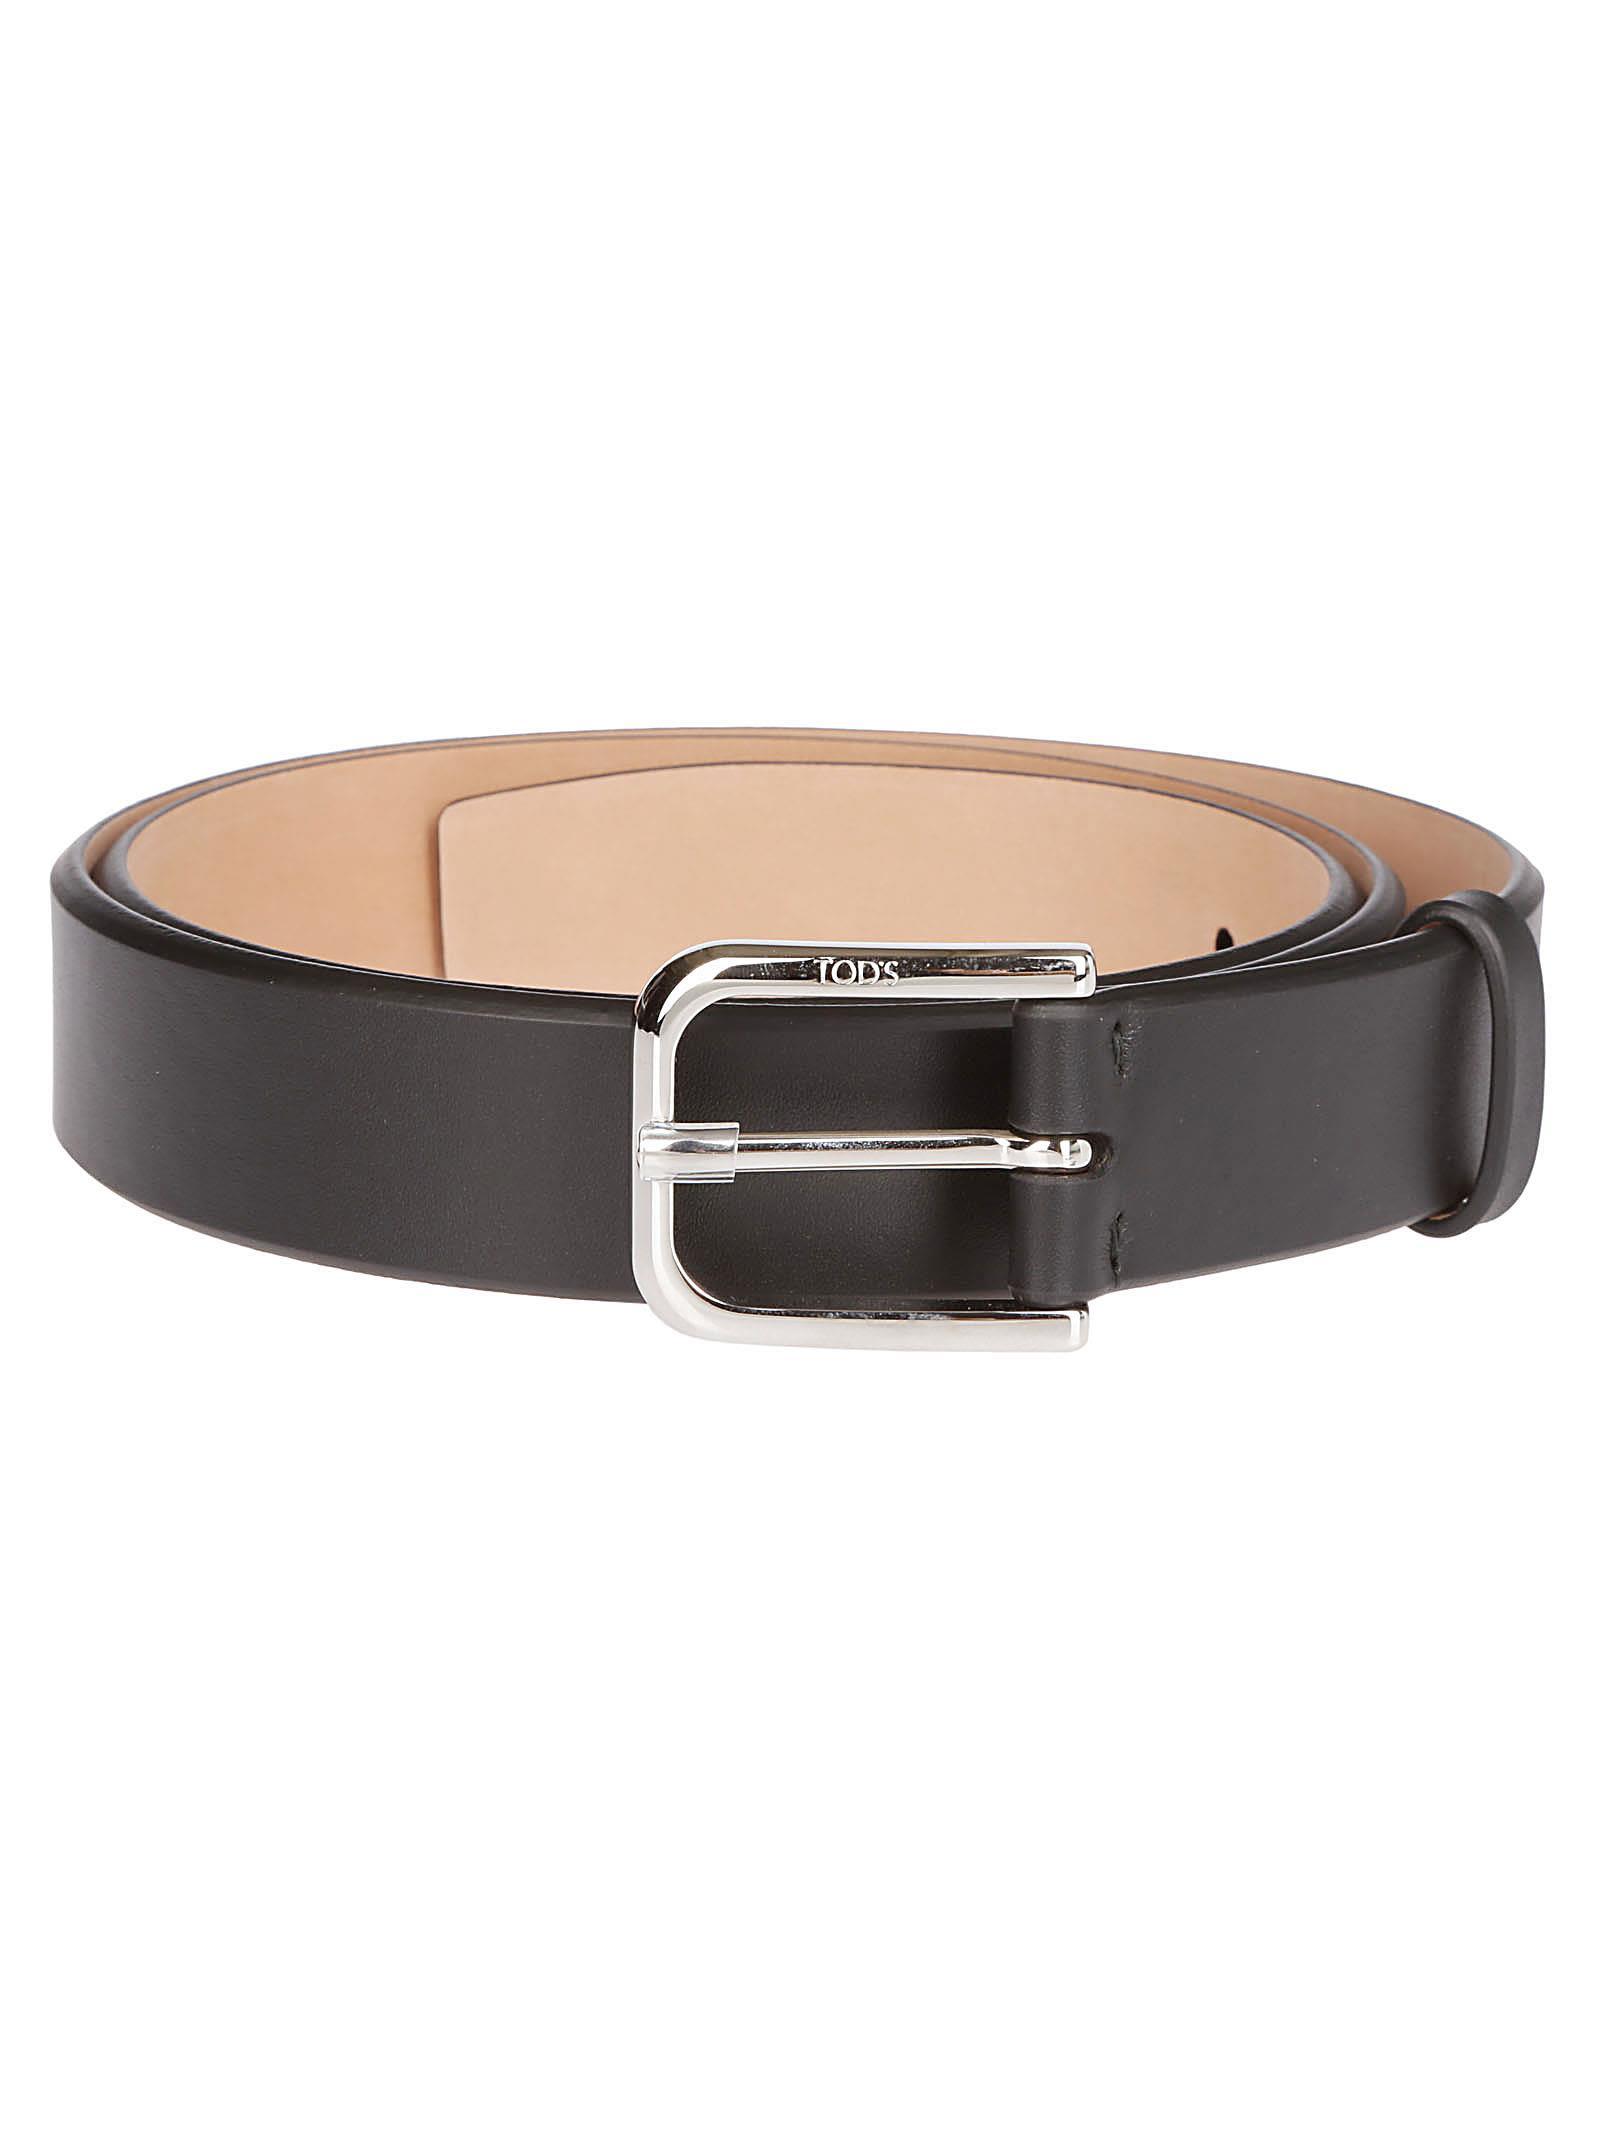 Tod's Vintage Buckled Belt